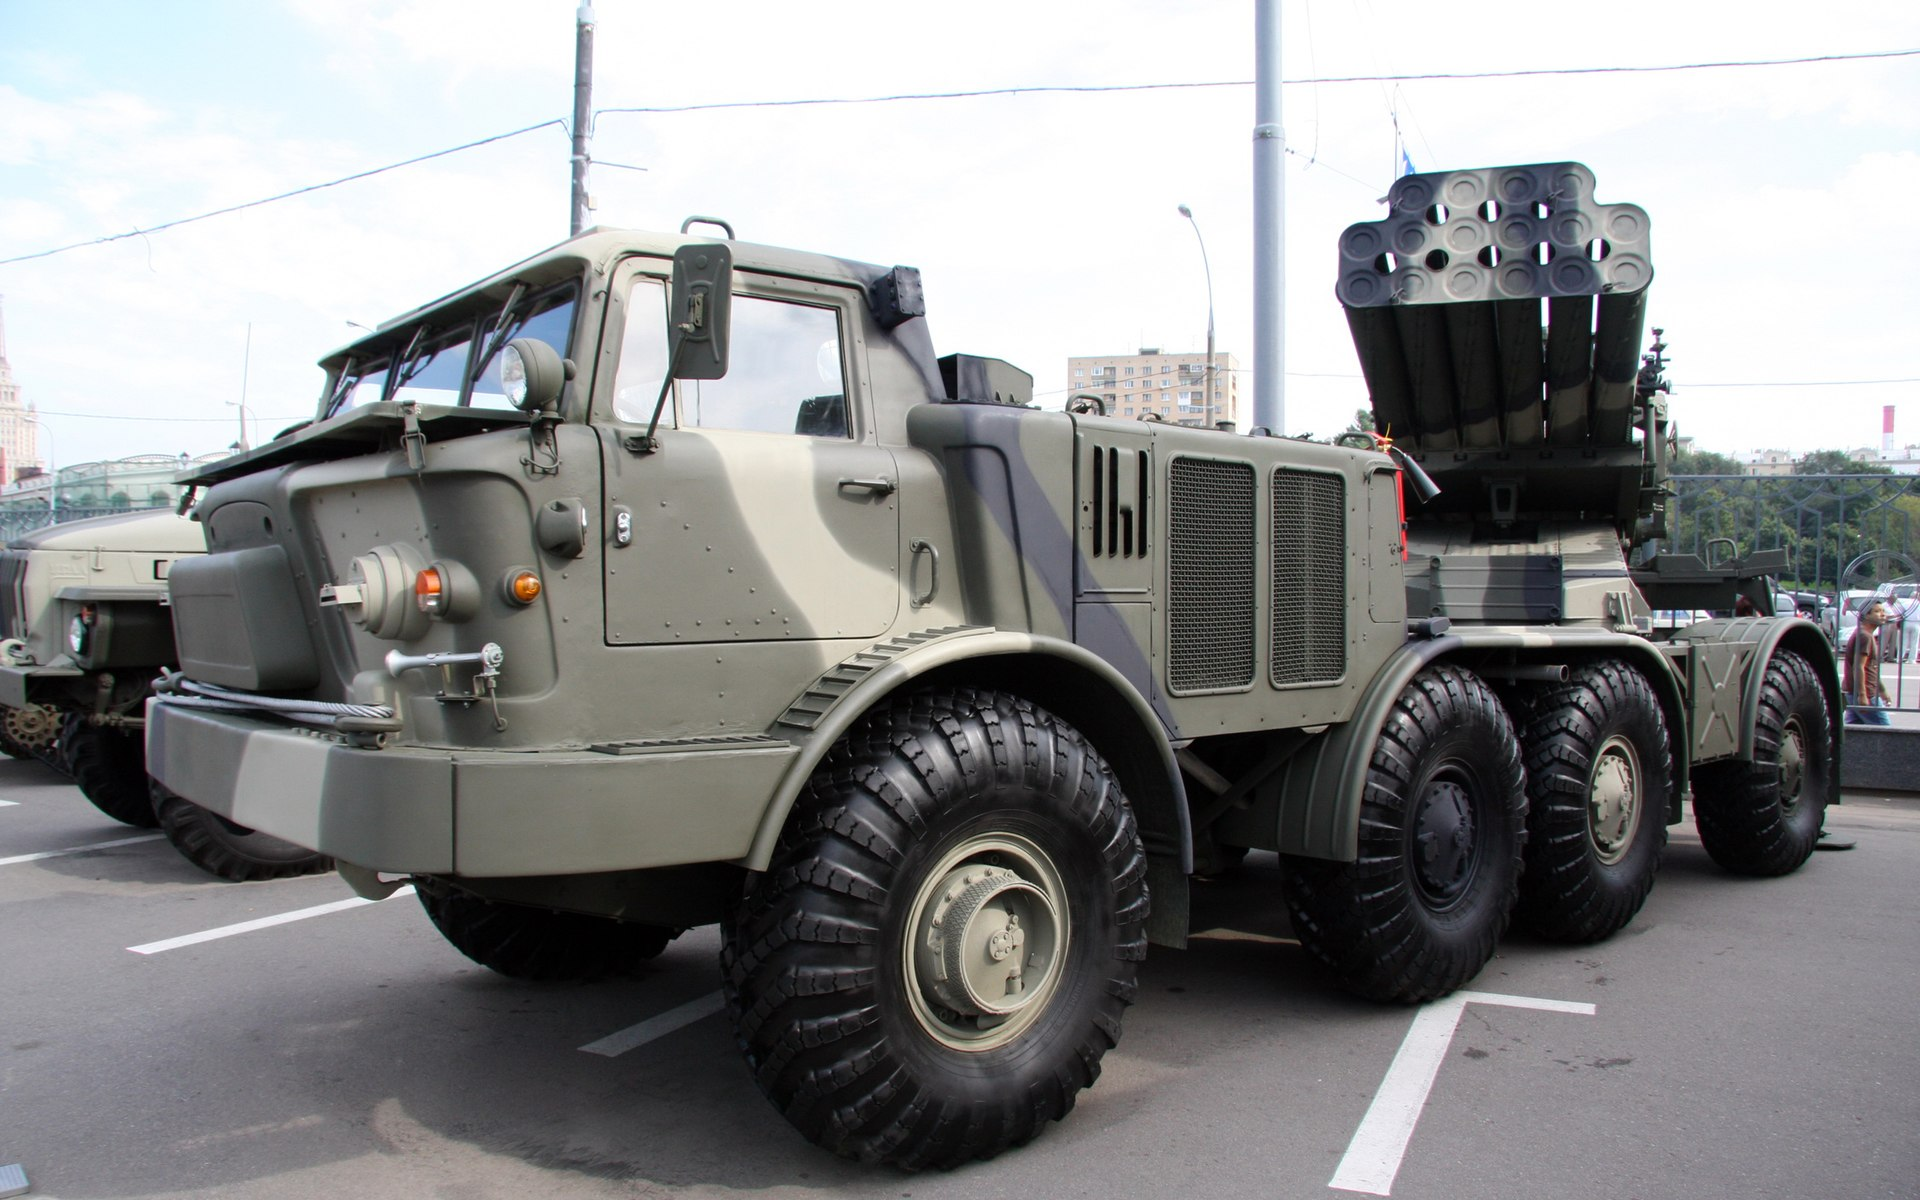 Под Иловайском на 140 км границы было всего 600 наших бойцов, - Сенченко - Цензор.НЕТ 7324